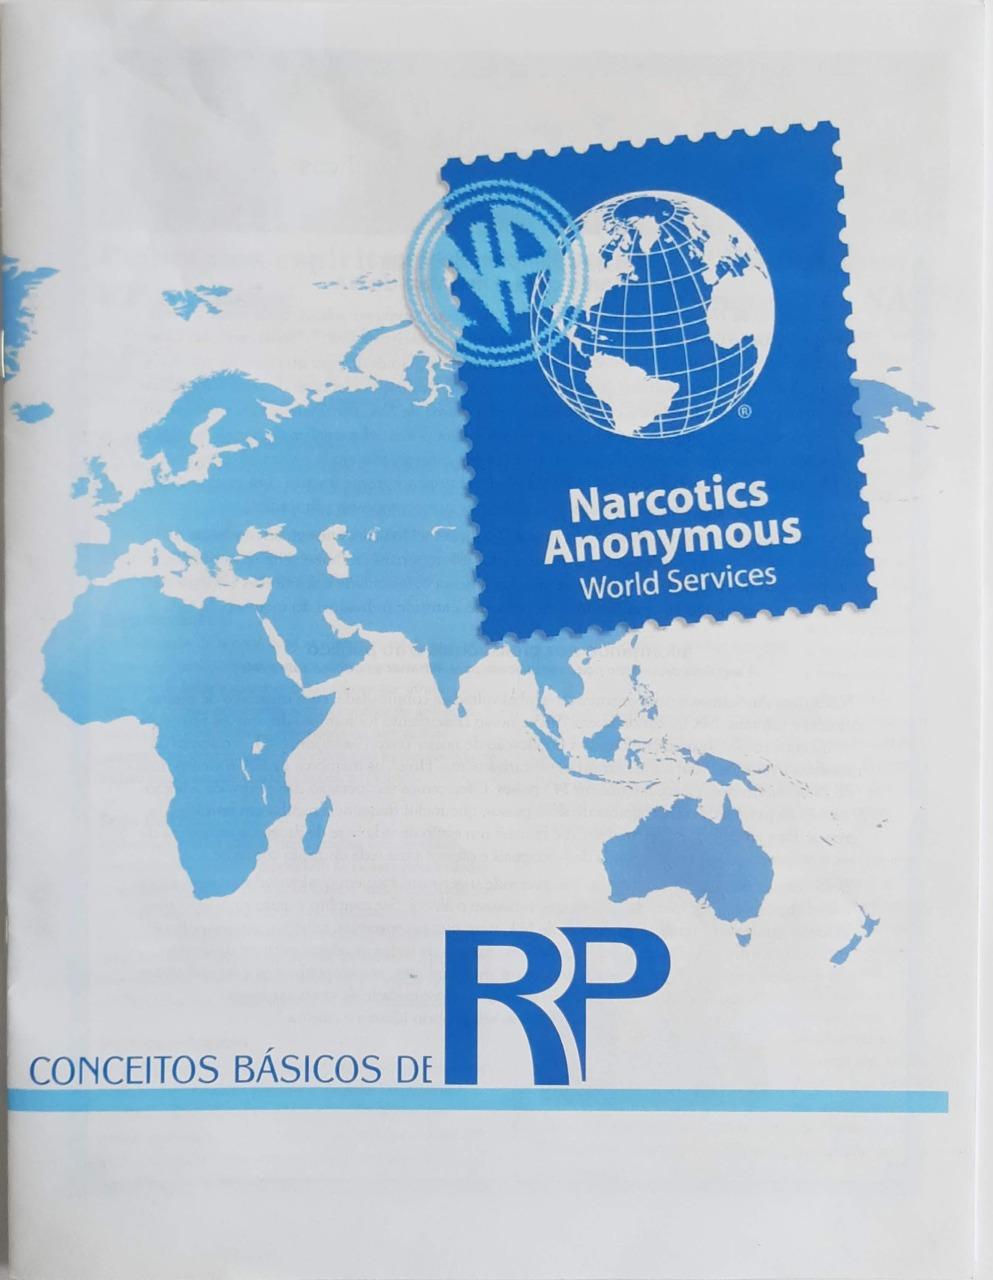 CONCEITOS BASICOS DE RP (NOVO) PB-2102